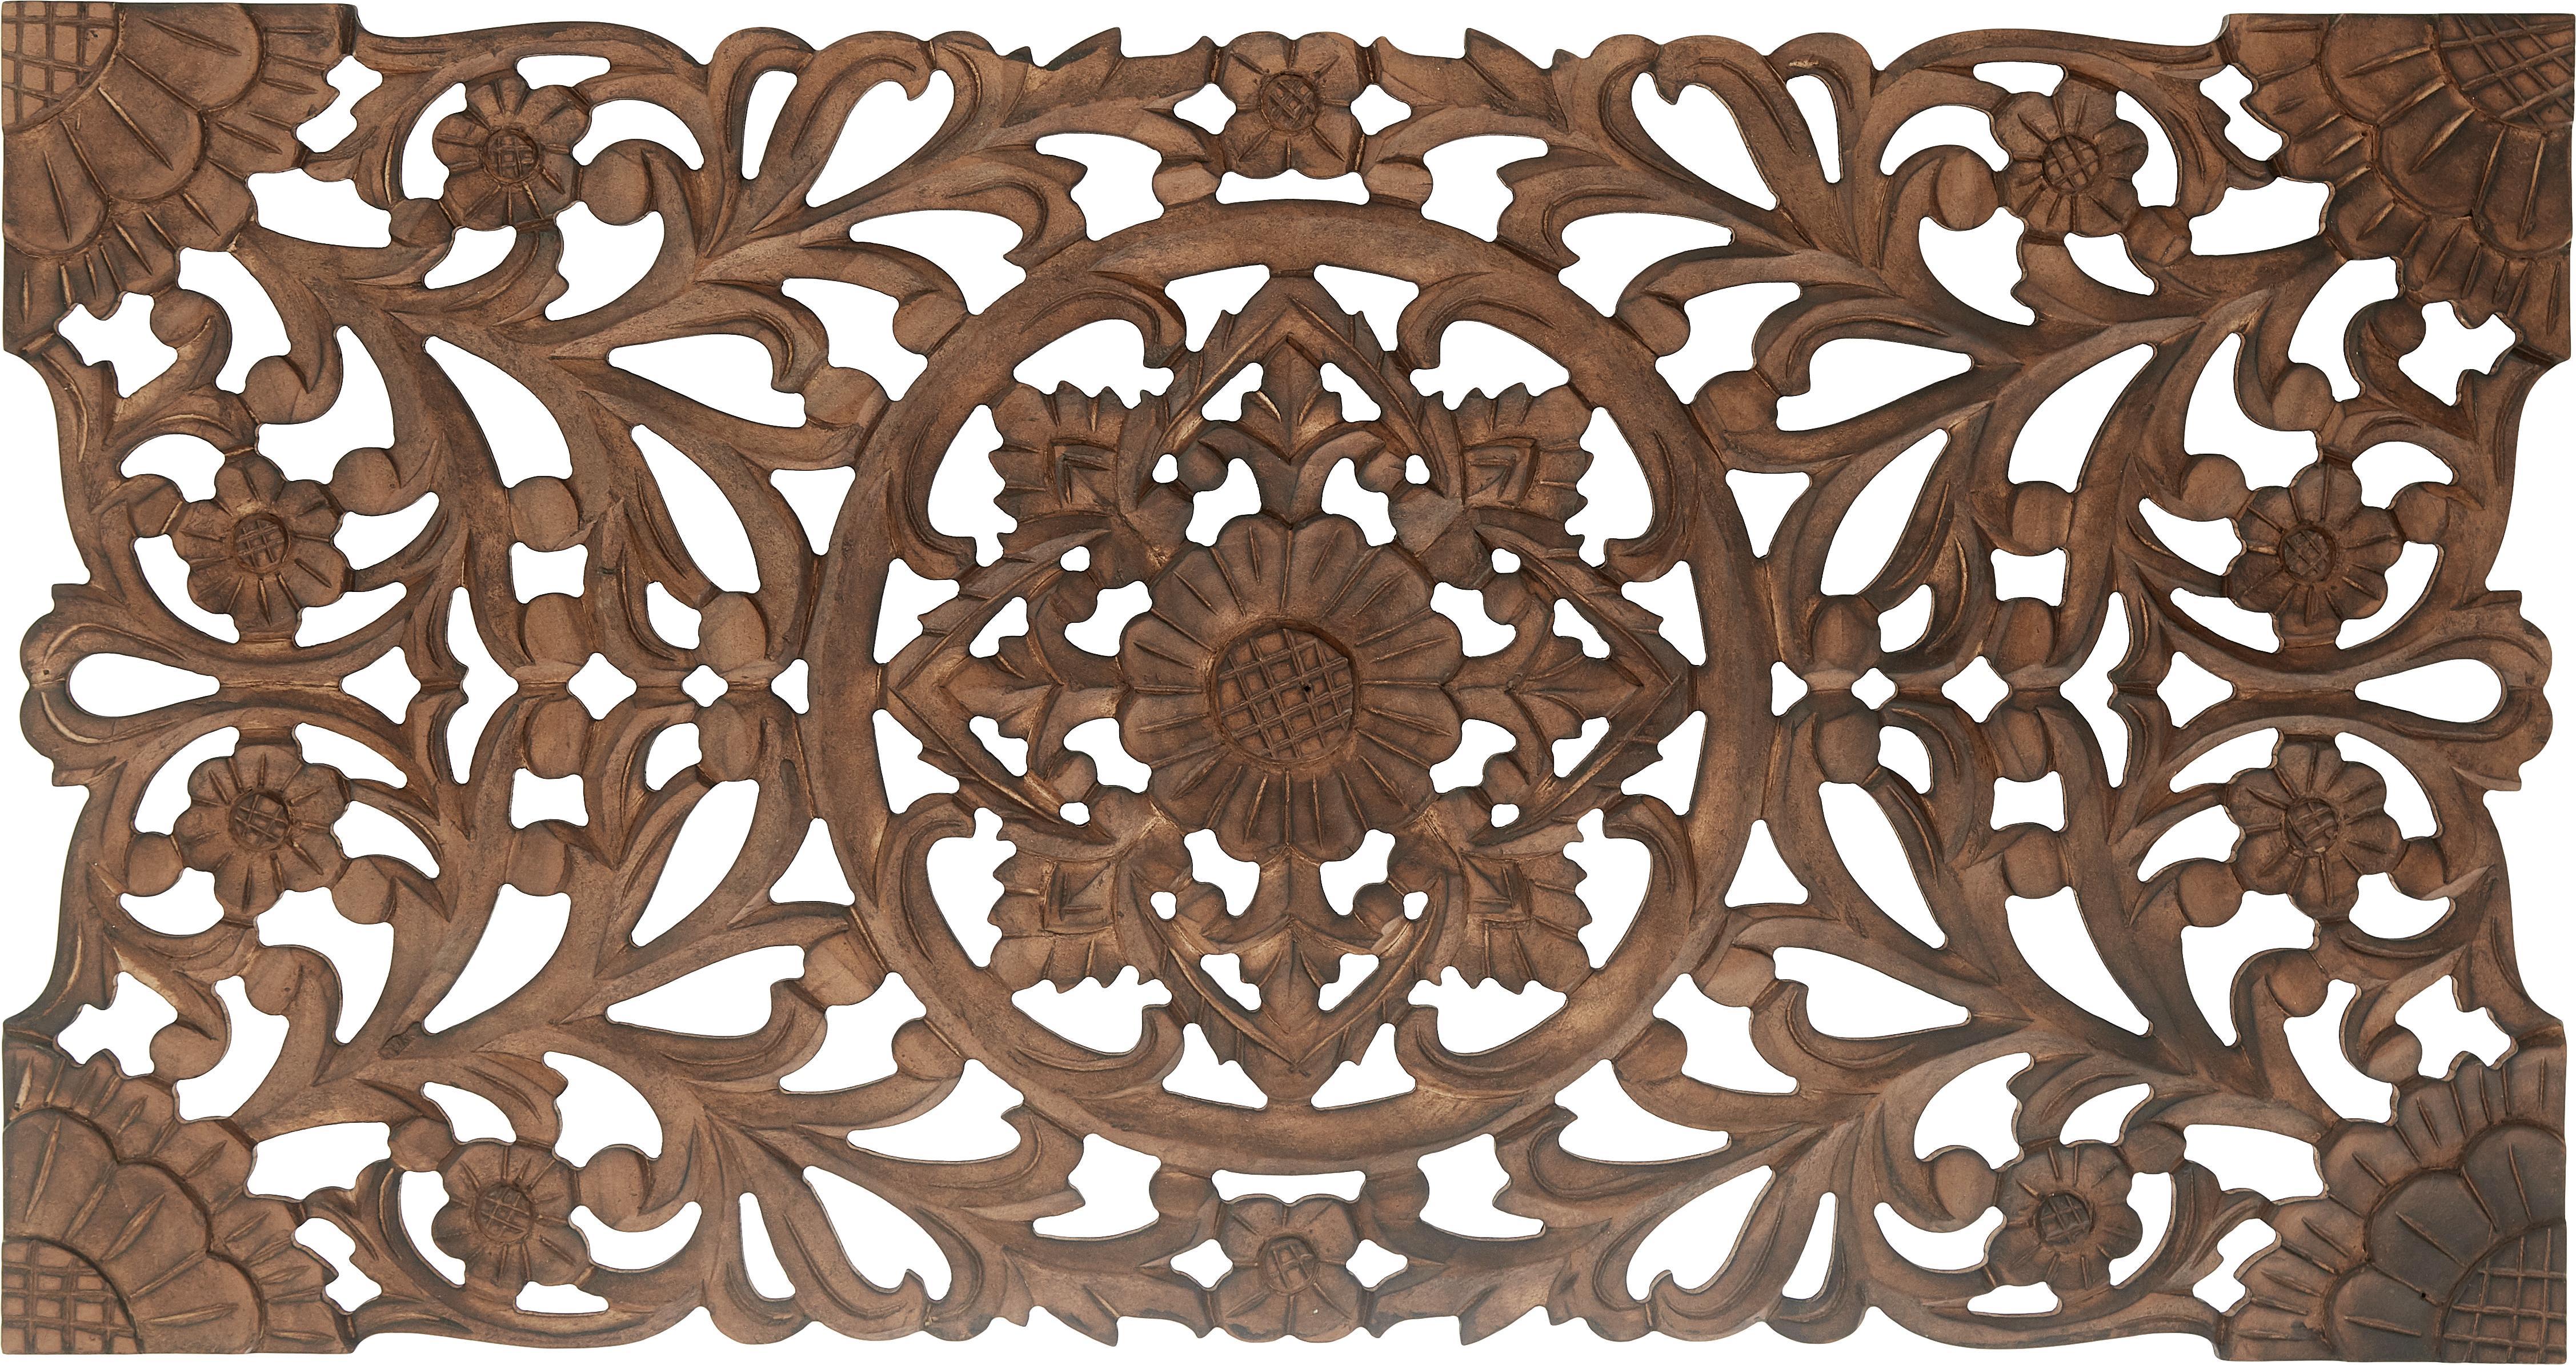 Handgefertigter Wandschmuck Samira mit Antik-Finish, Mitteldichte Holzfaserplatte (MDF), Braun, Antik-Finish, 85 x 45 cm